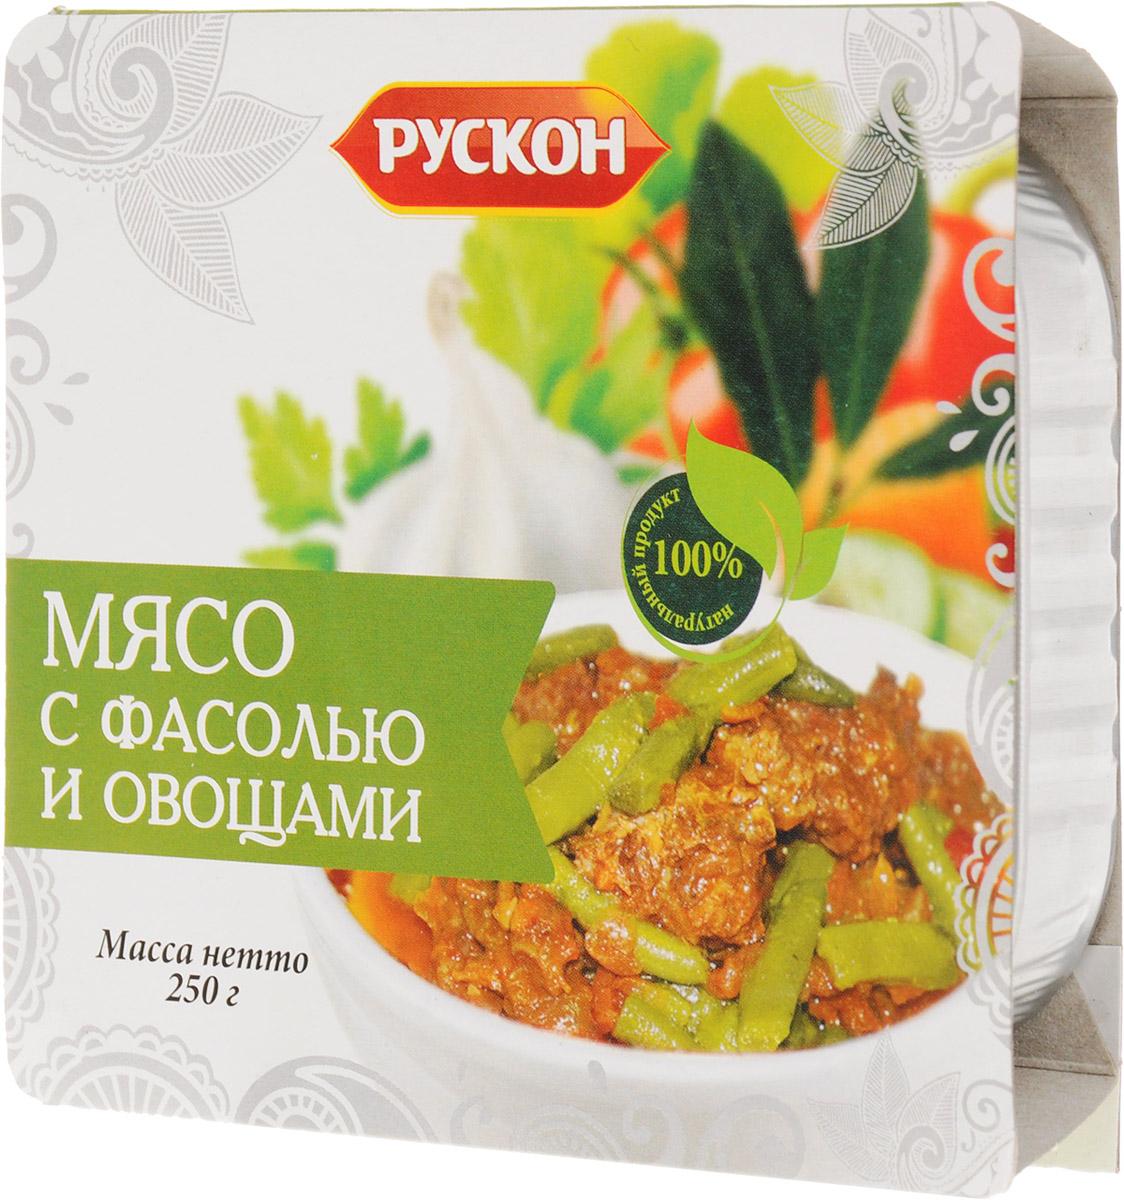 Рускон мясо с фасолью и овощами, 250 г5351Мясо с фасолью и овощами Рускон - мясорастительные консервы рубленные стерилизованные. Без сои, без ГМО. Перед употреблением рекомендуется разогреть. Уважаемые клиенты! Обращаем ваше внимание, что полный перечень состава продукта представлен на дополнительном изображении.